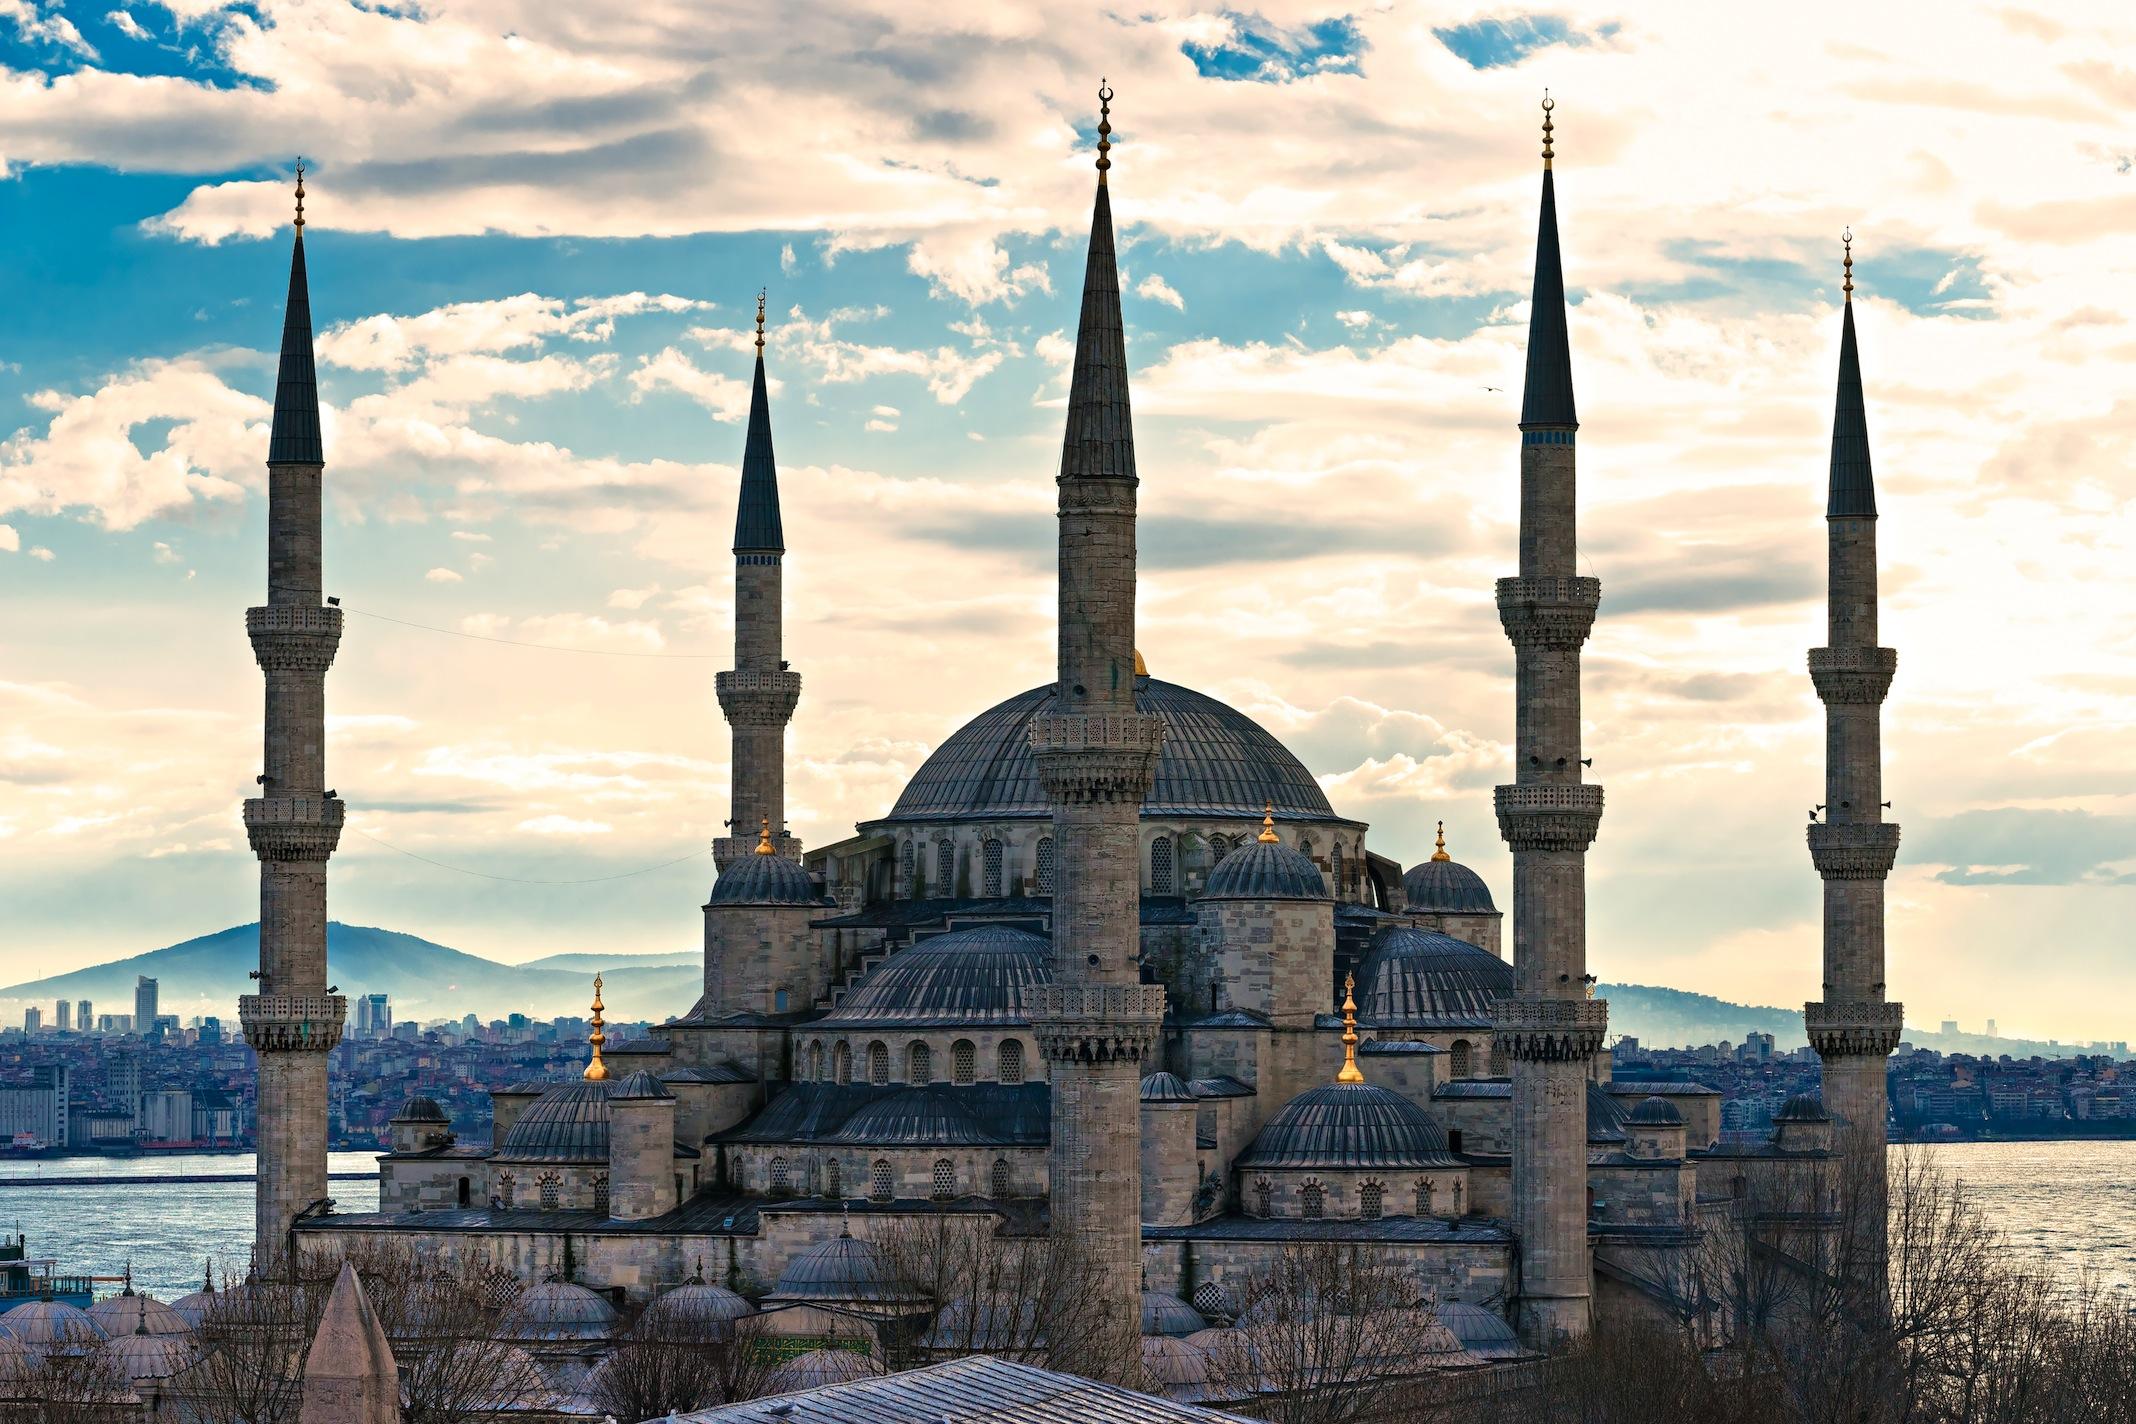 Sultan Ahmet Cami 3 Boyutlu Manzaralı Duvar Kağıdı Modeli